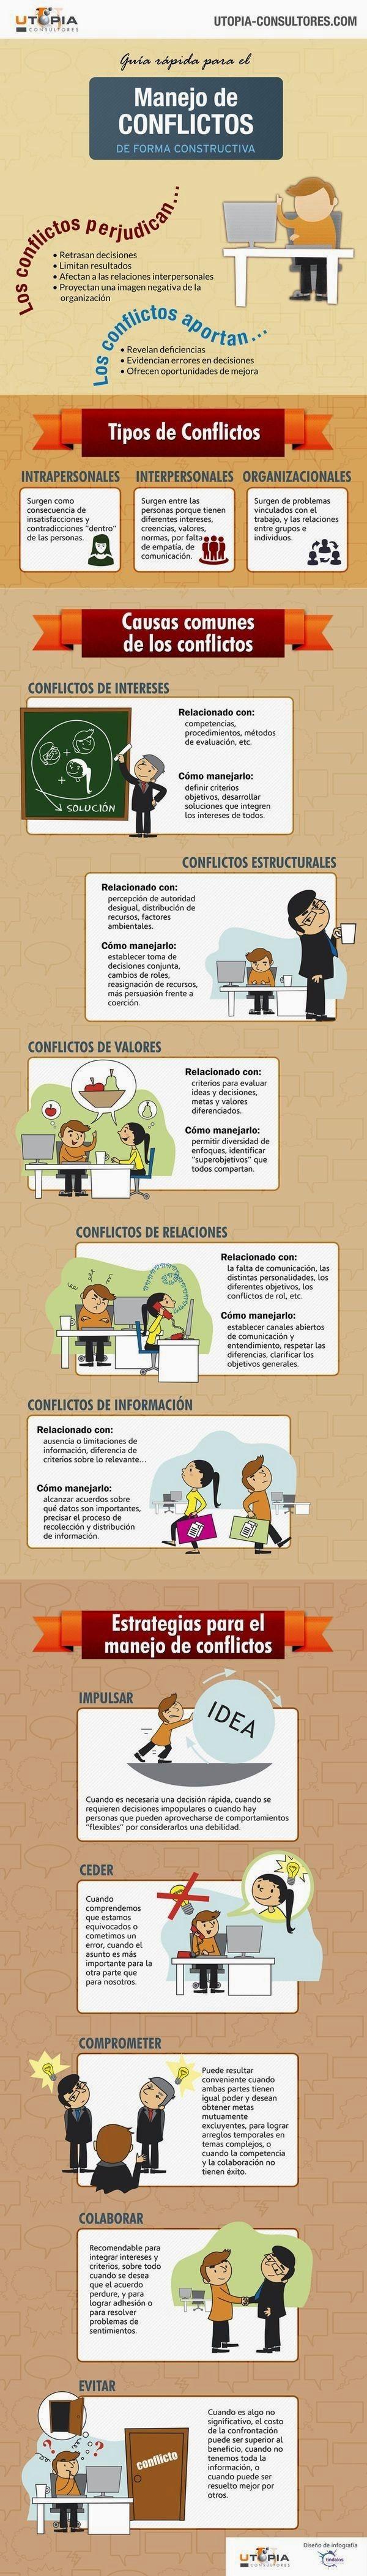 Mi pequeños aportes: Guía rapida para el manejo de conflictos en forma ... Aquí les dejo una infografía de una guía para el manejo conflictos de forma constructiva.